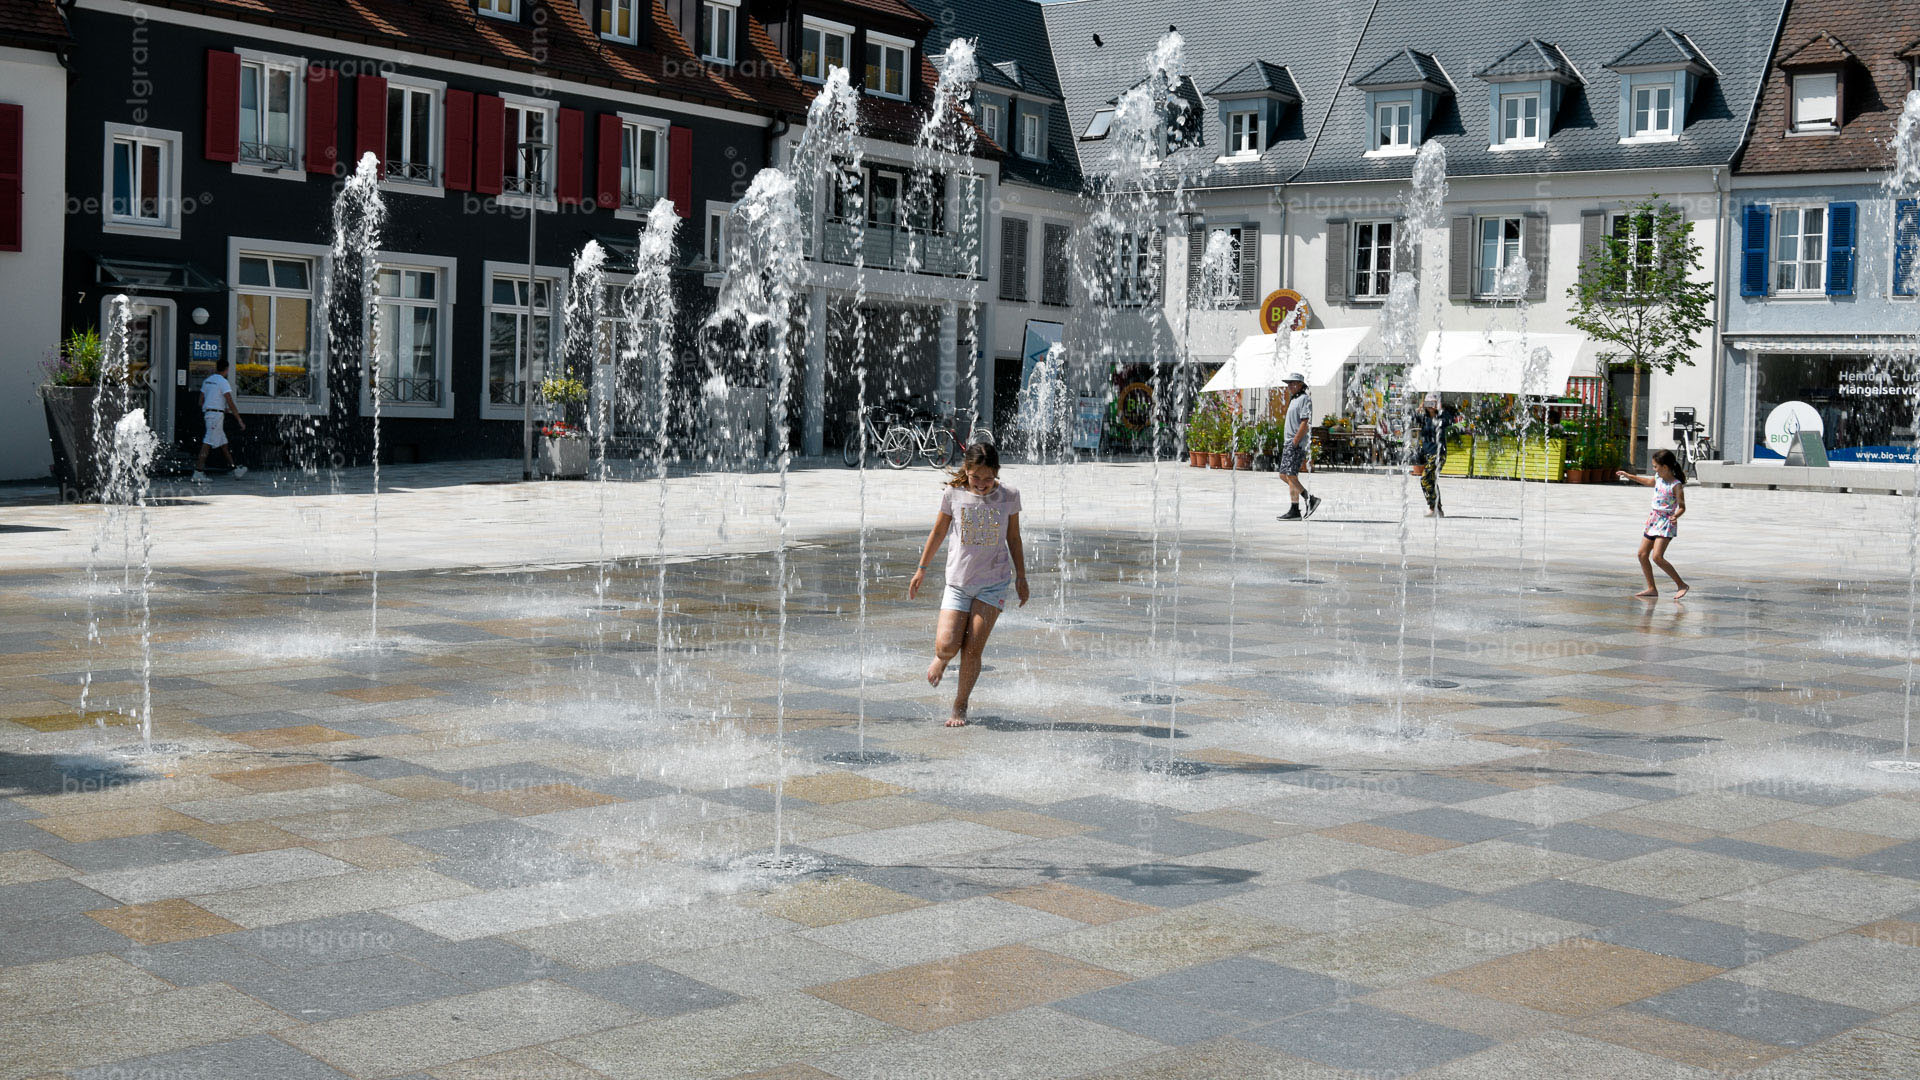 Marktplatz Breisach mit einem Naturstein Wasserspiel und Bodenbelägen aus belgrano® Granit